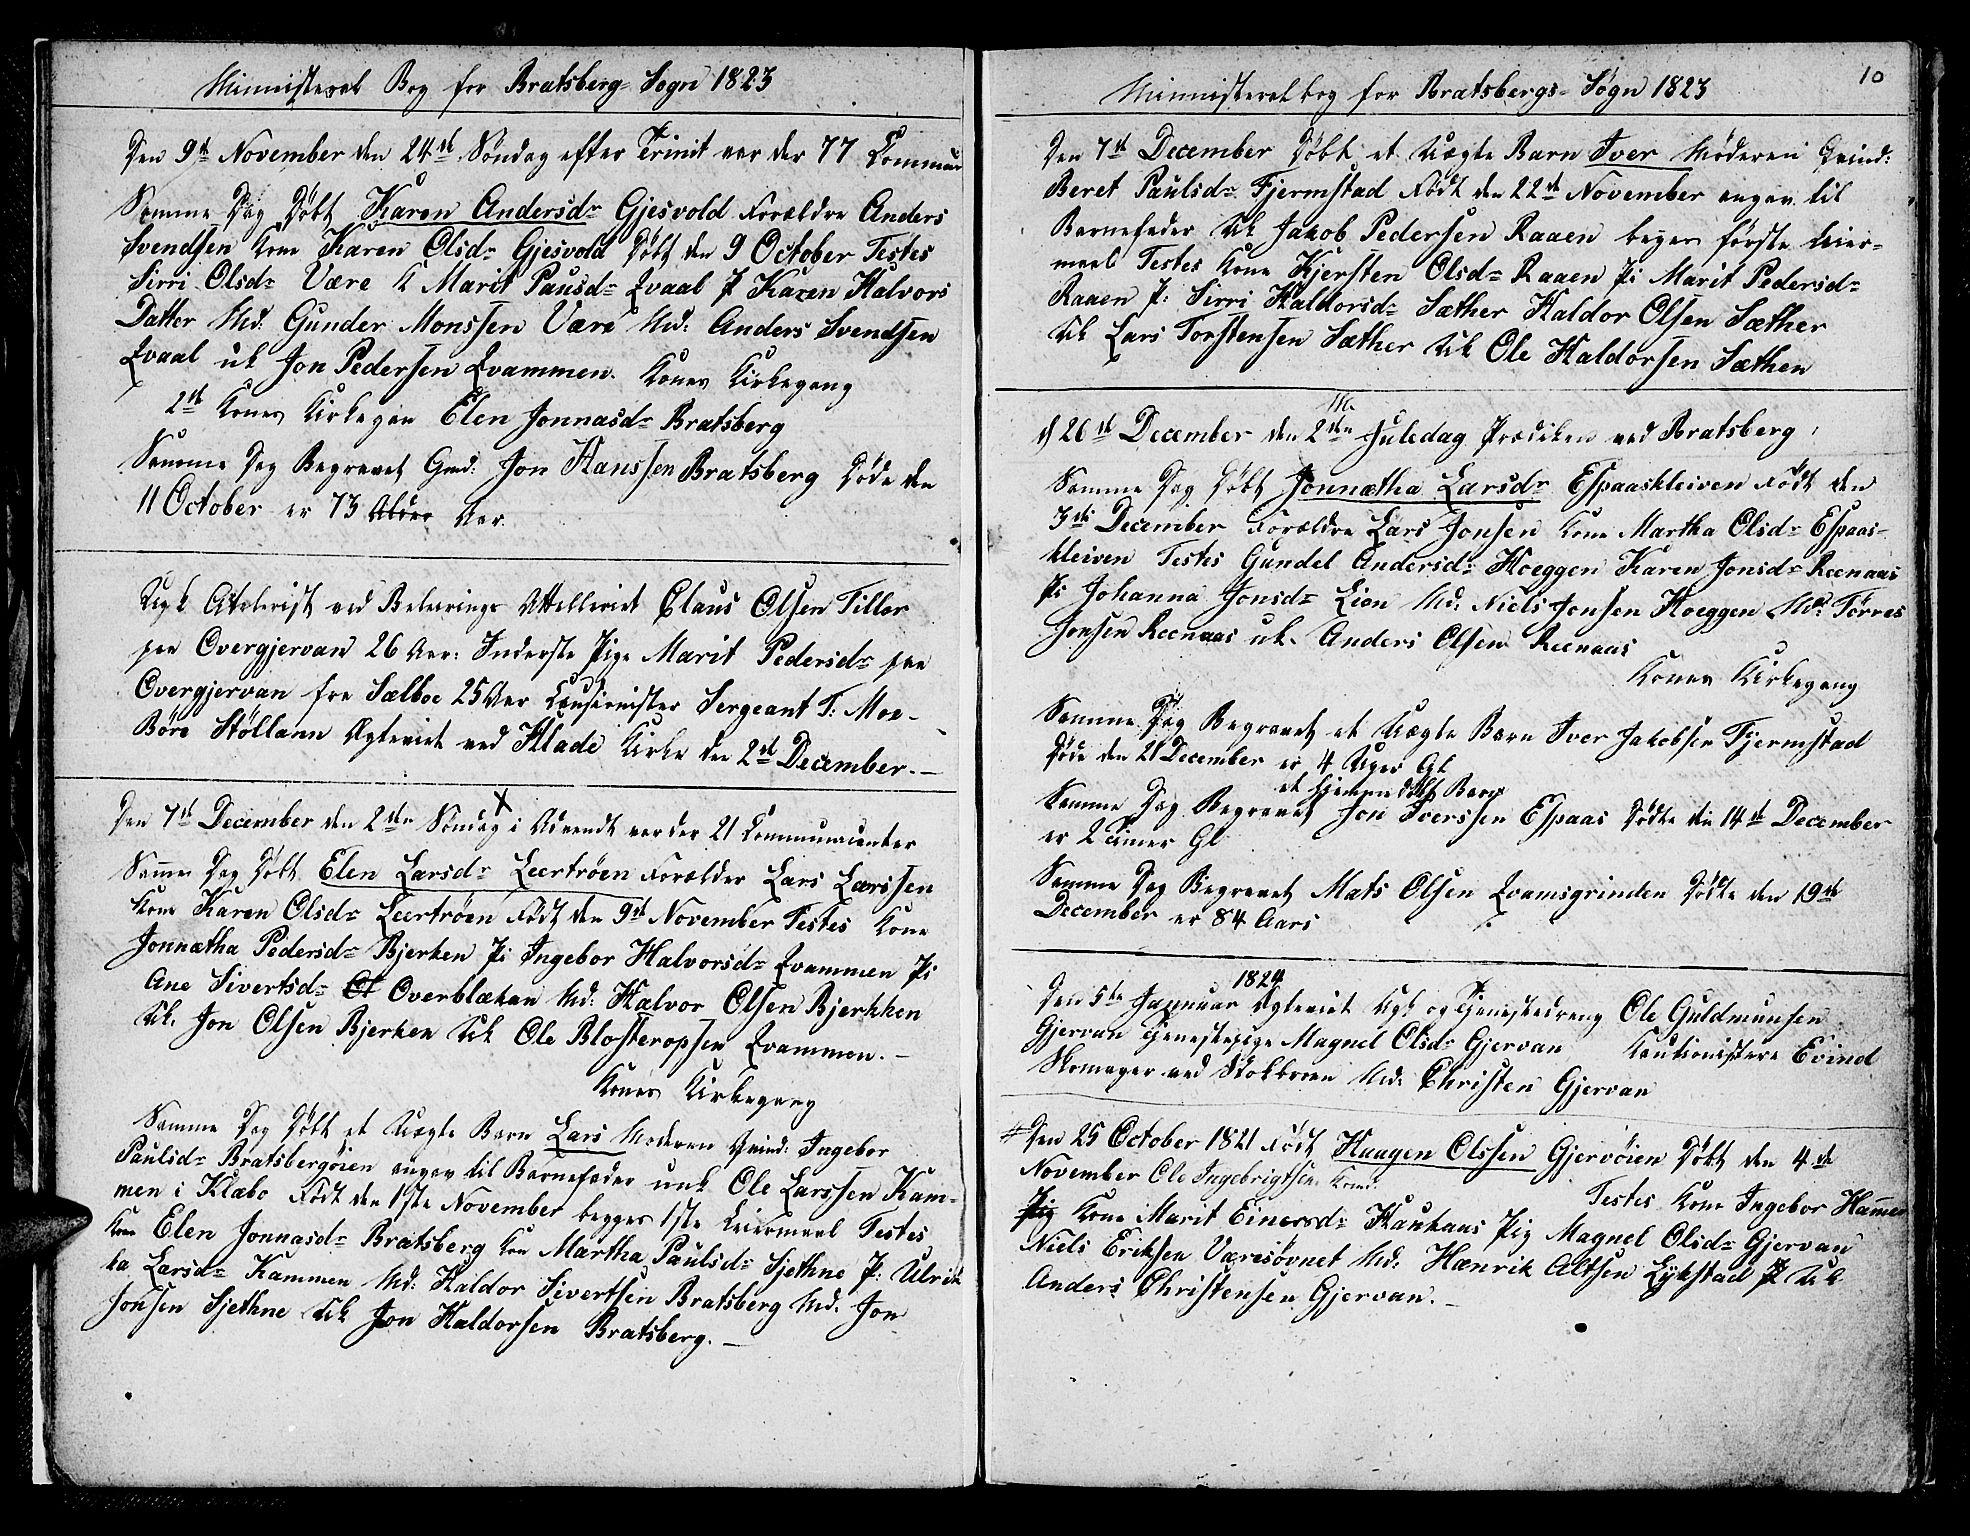 SAT, Ministerialprotokoller, klokkerbøker og fødselsregistre - Sør-Trøndelag, 608/L0337: Klokkerbok nr. 608C03, 1821-1831, s. 10